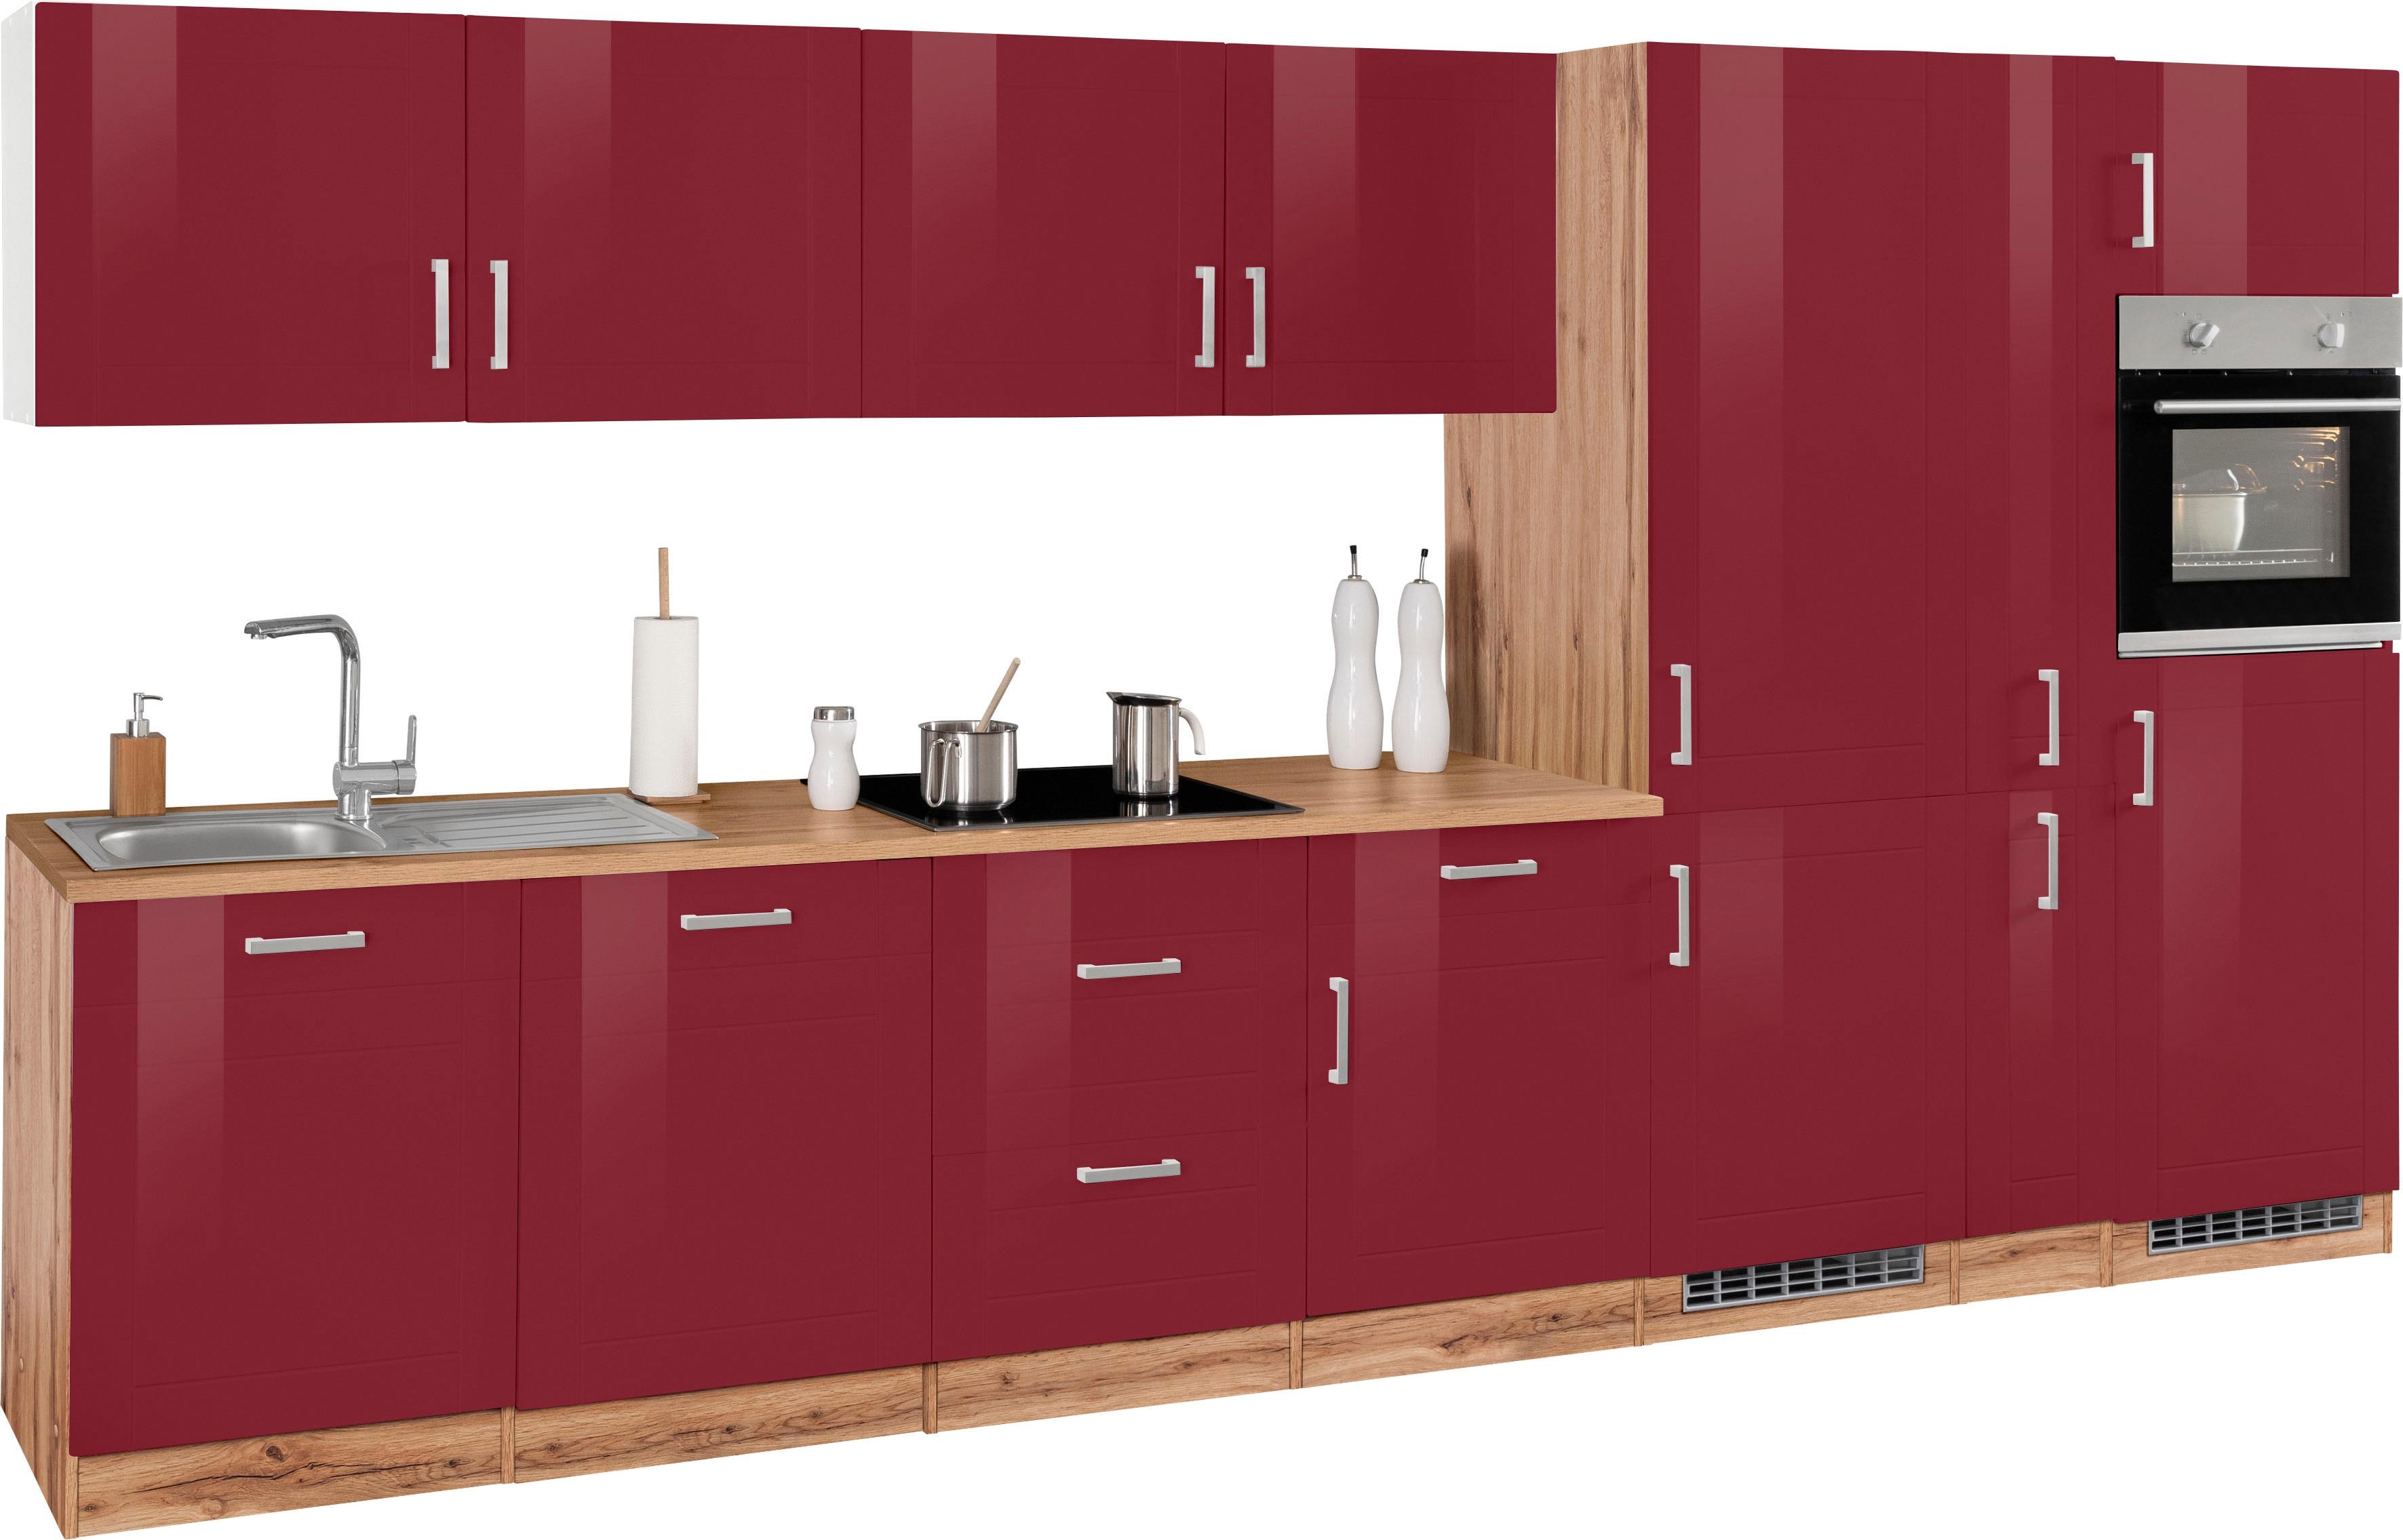 HELD MÖBEL Küchenzeile Tinnum | Küche und Esszimmer > Küchen > Küchenzeilen | Held Möbel